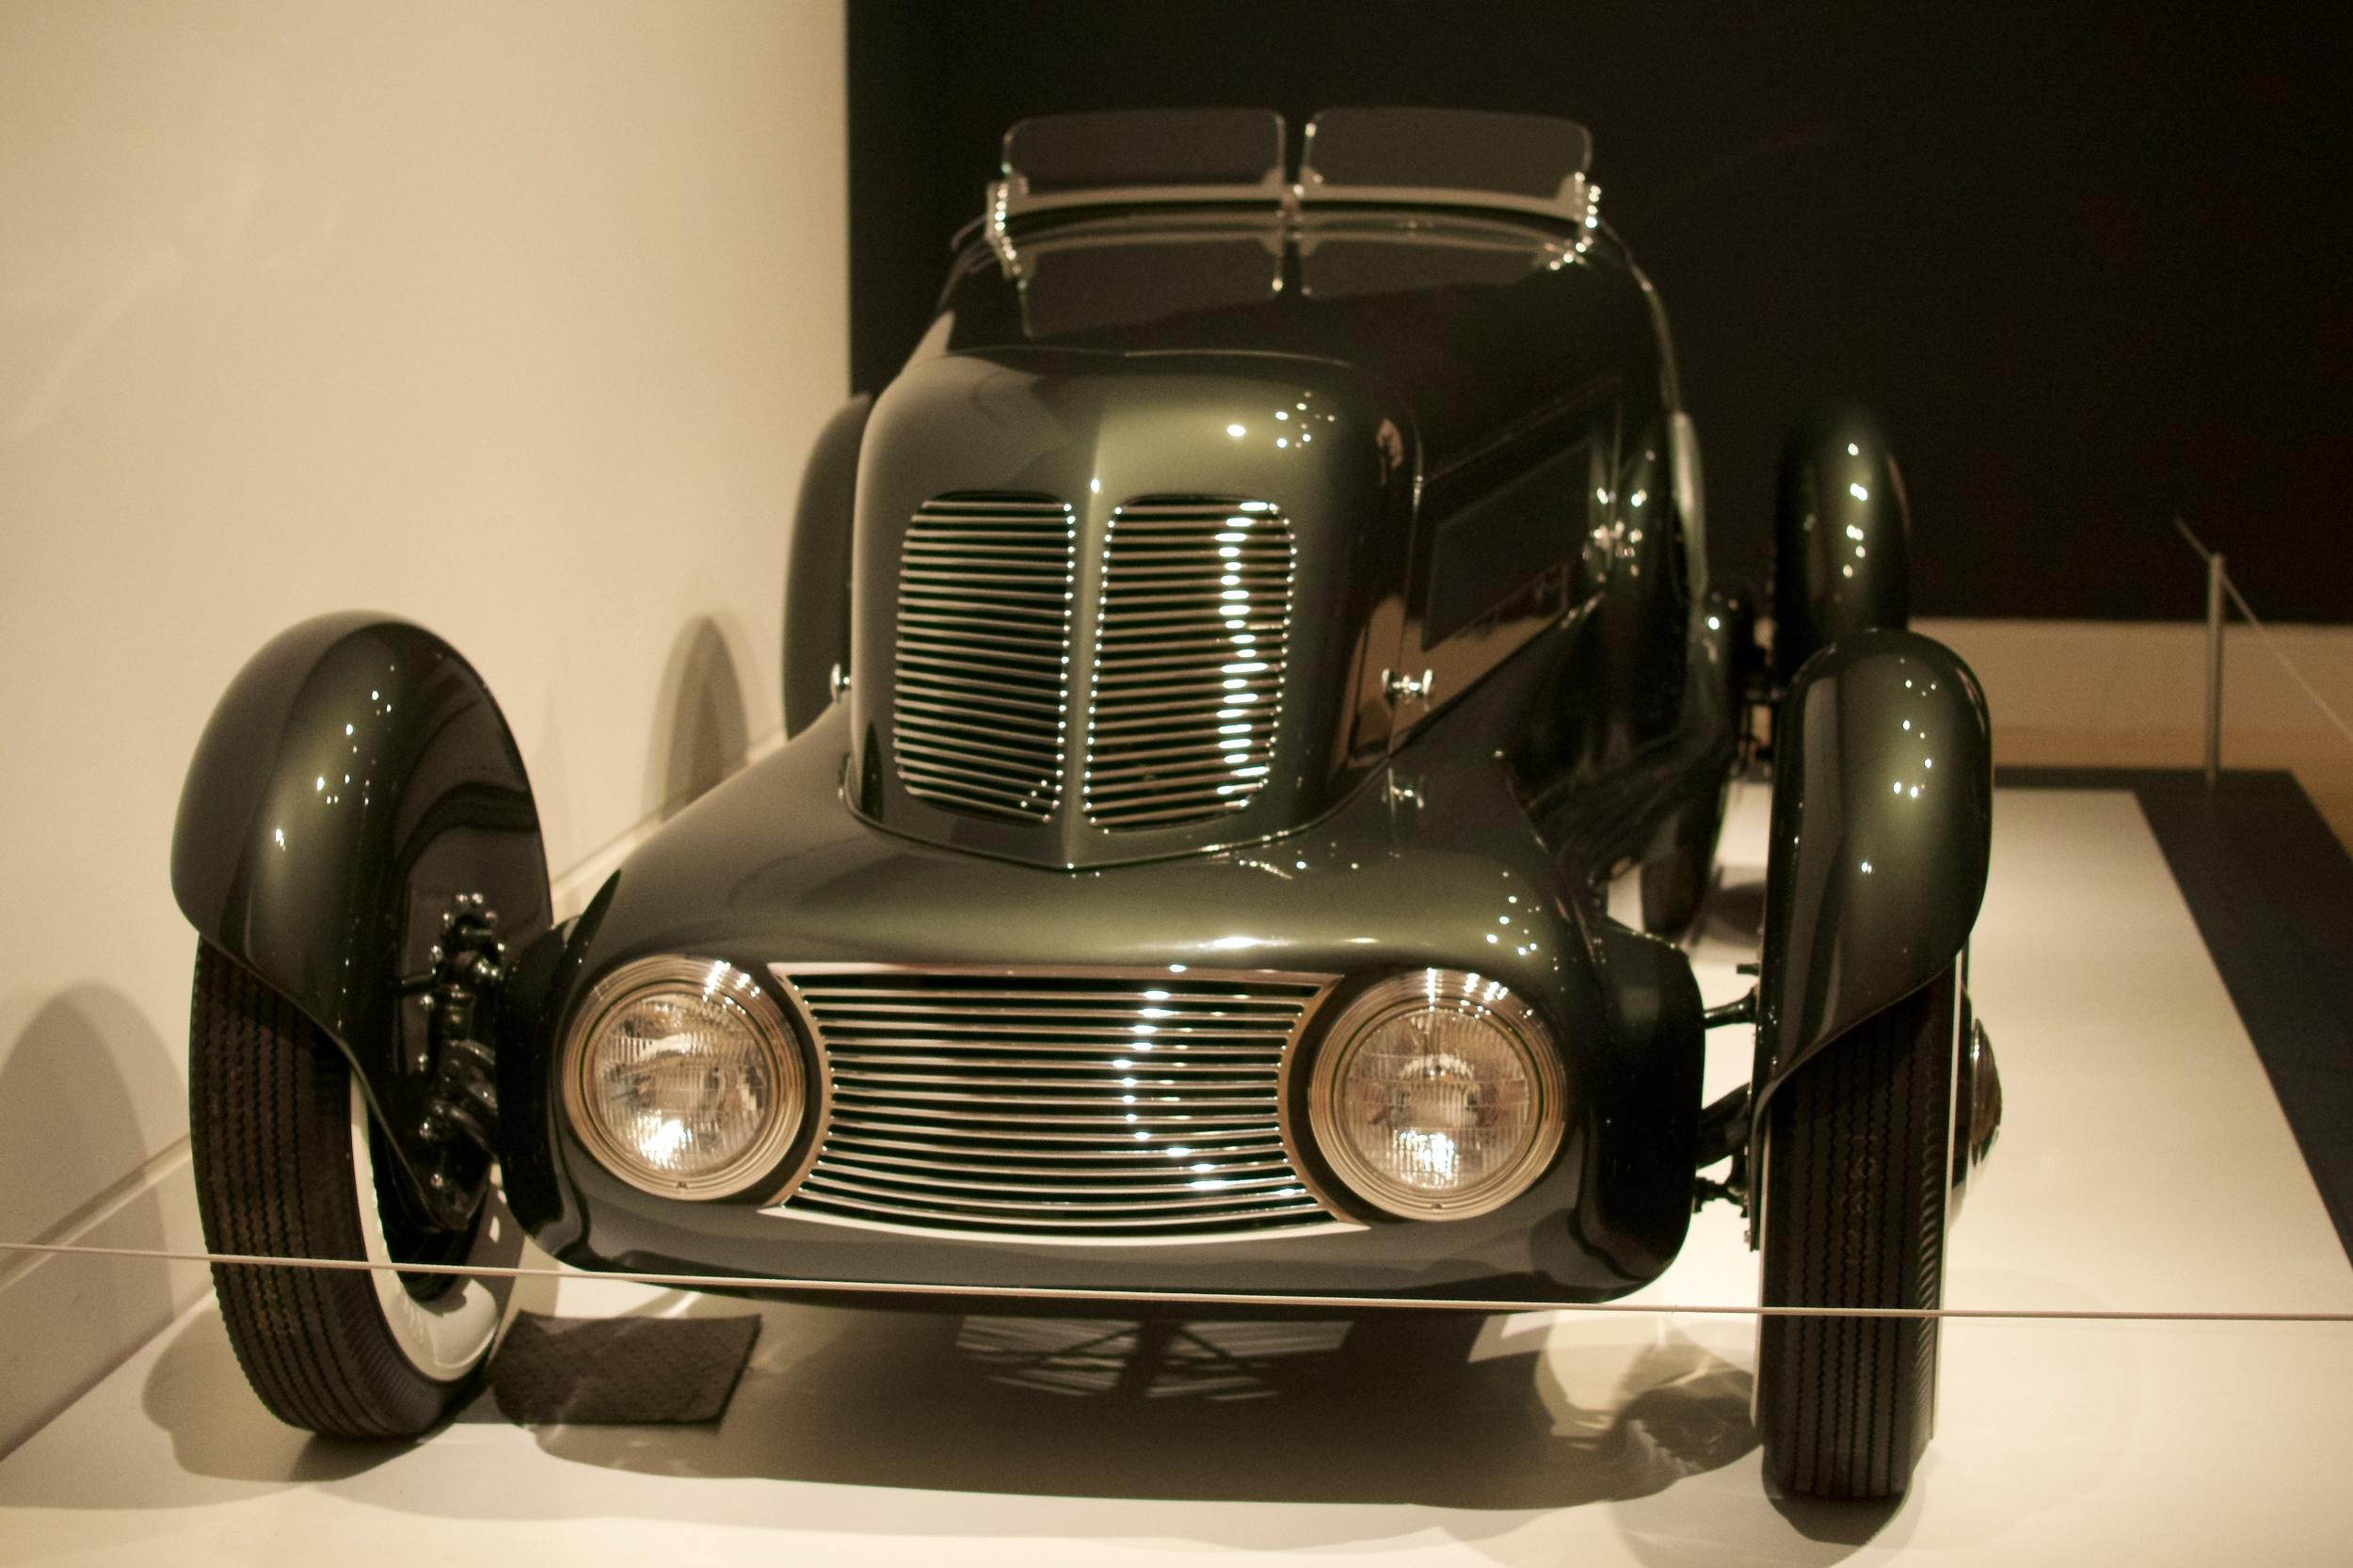 1934 Edsel Ford, Model 40 Special Speeder